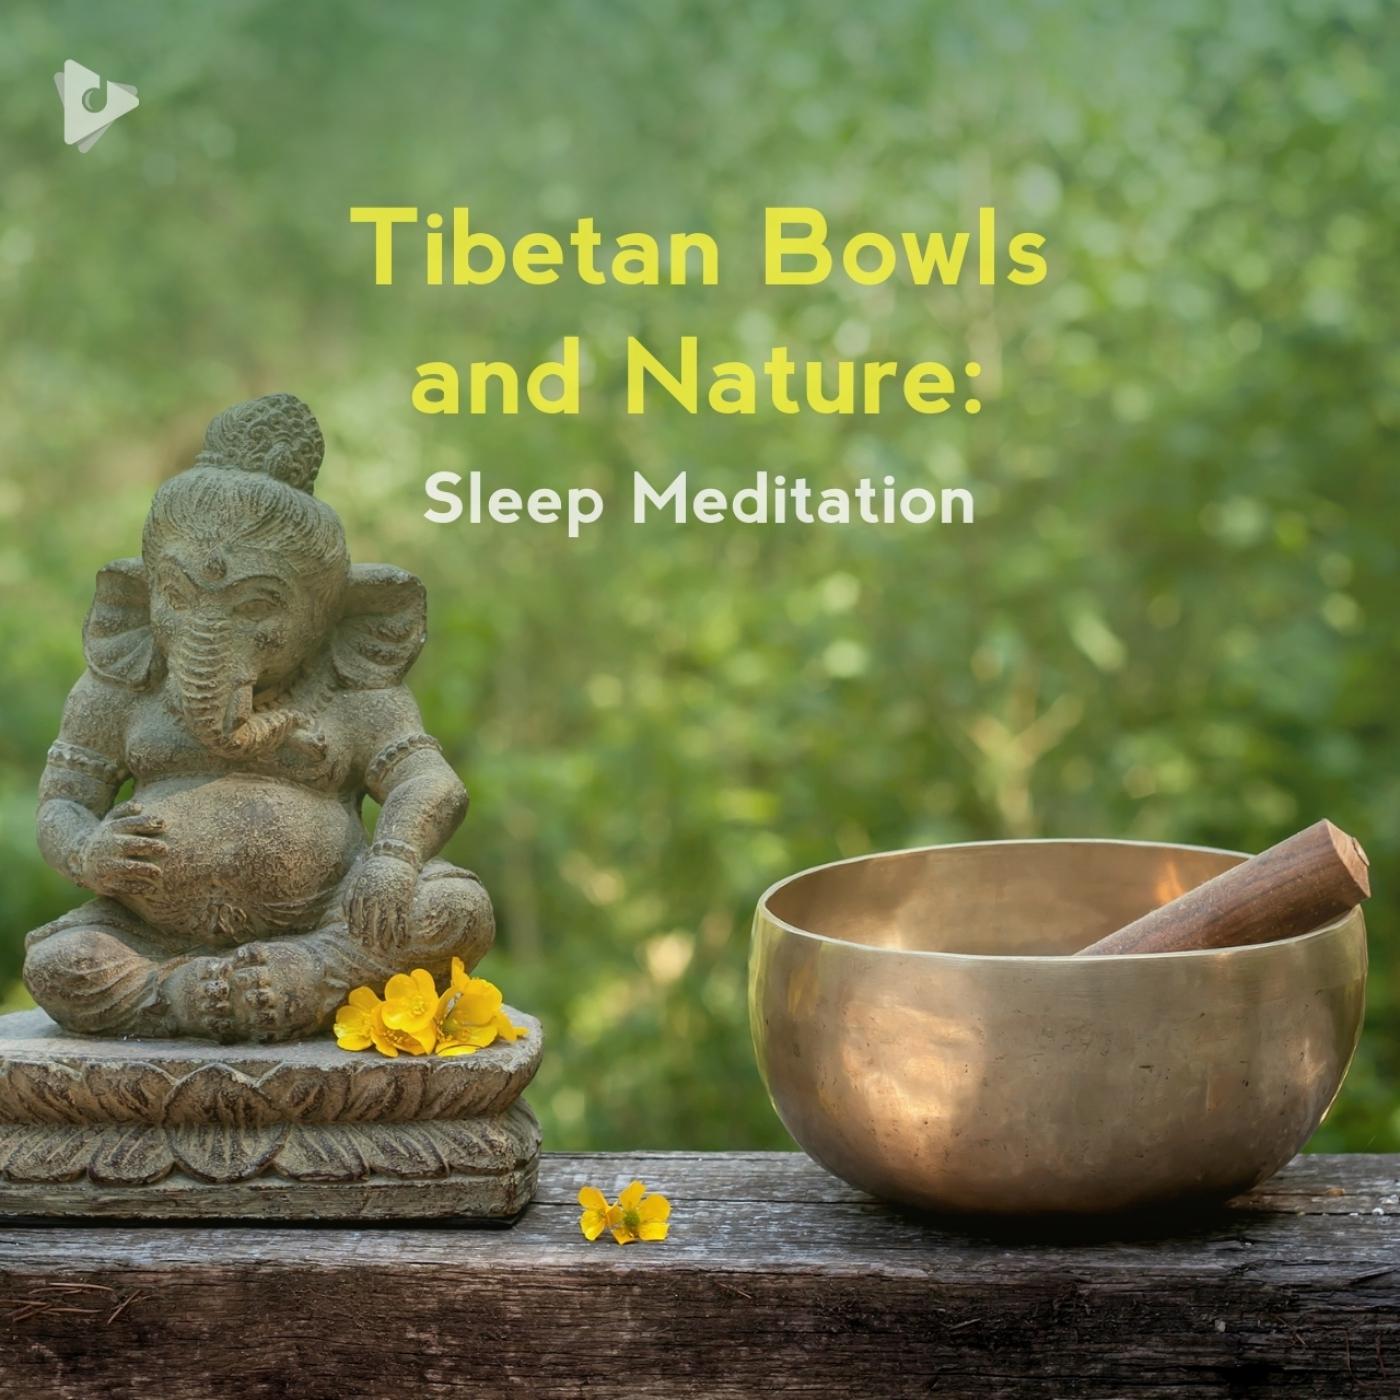 Tibetan Bowls and Nature: Sleep Meditation